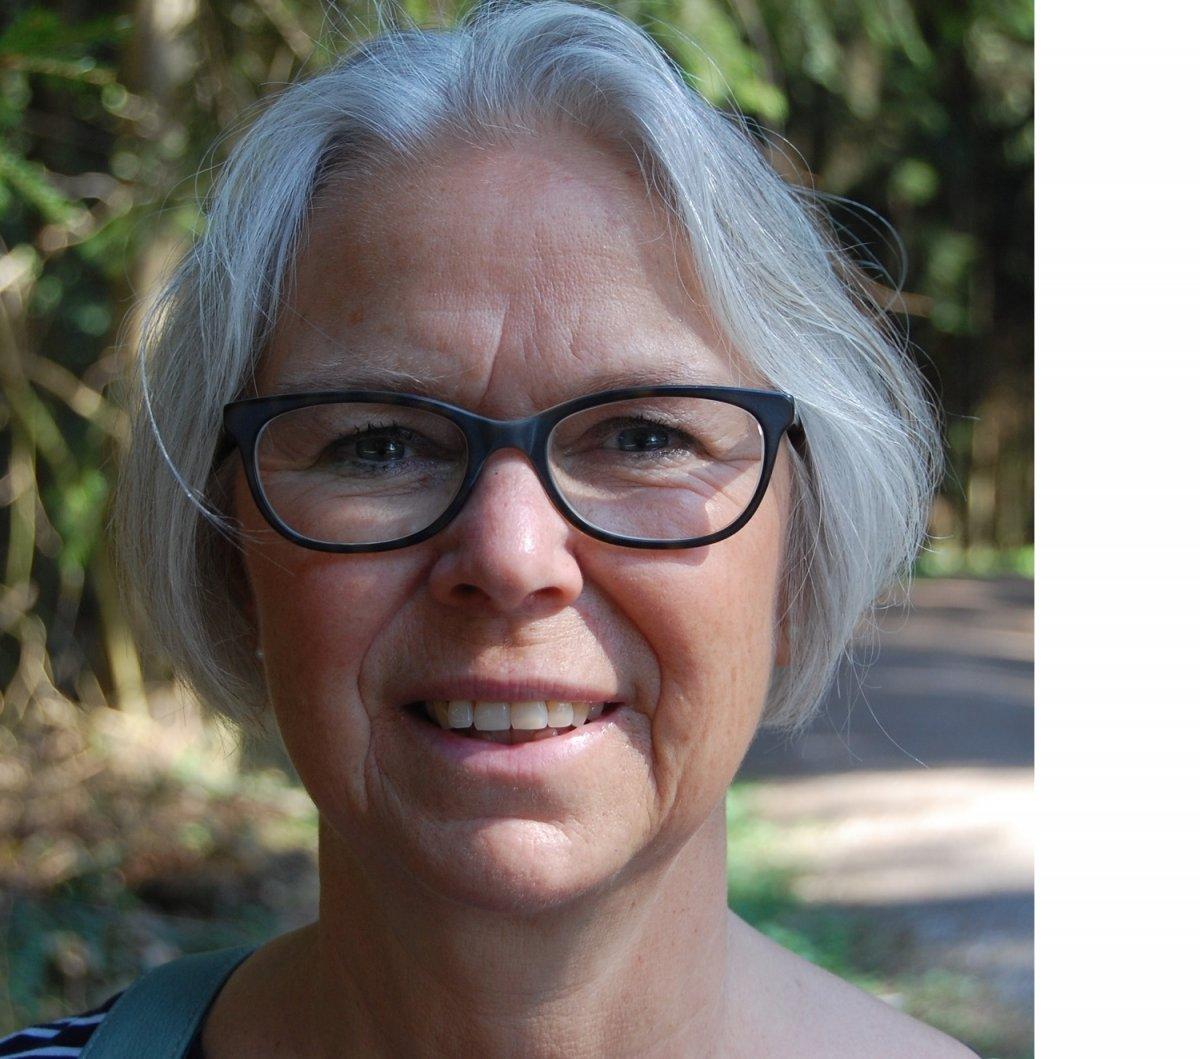 Das Foto zeigt Brigitta Ineichen vor einem Naturhintergrund. Sie hat kinnlange graue Haare und trägt eine dunkle Brille. Sie lächelt in die Kamera.